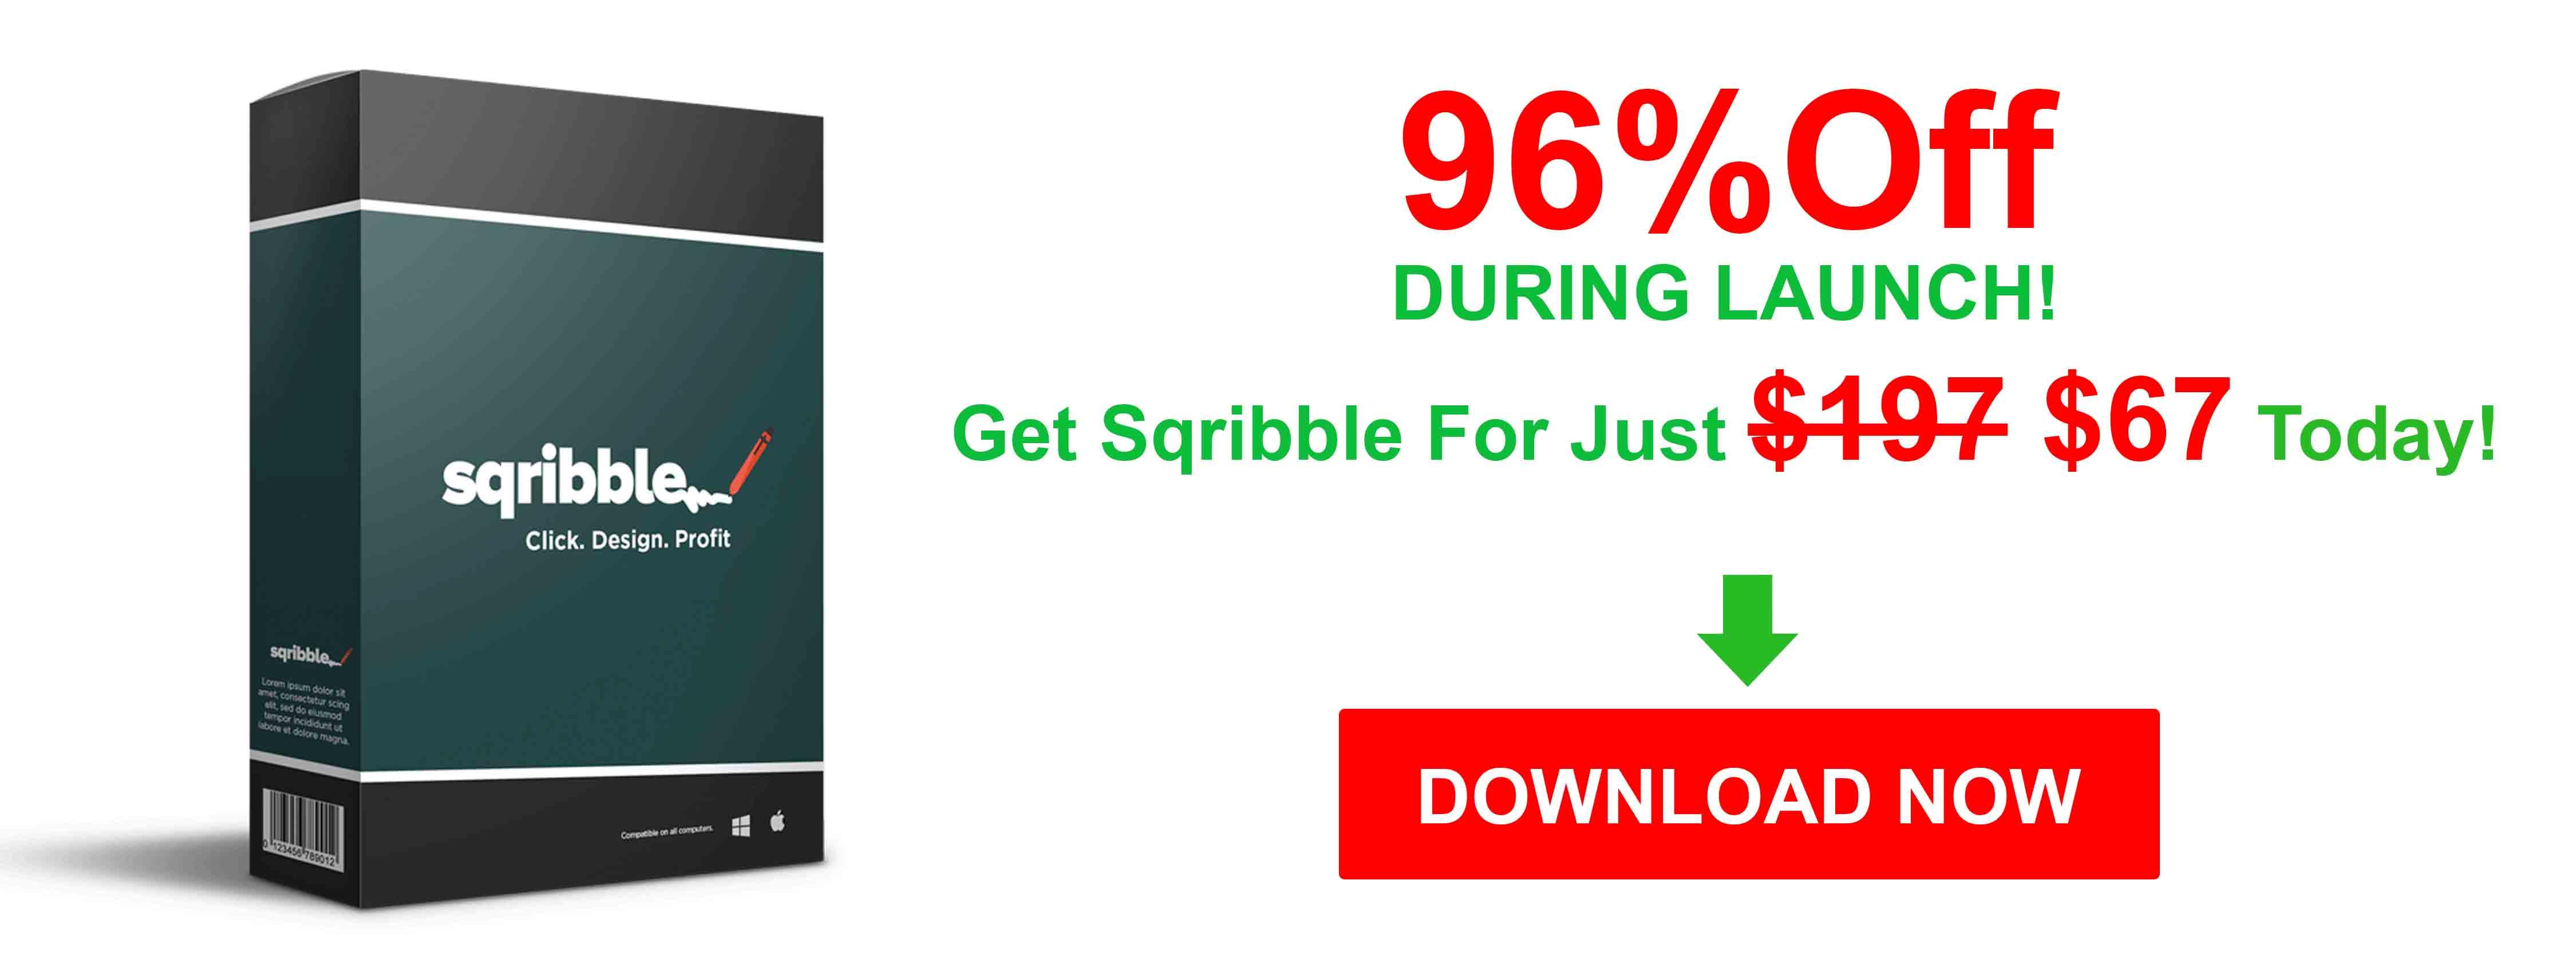 Sqribble Download